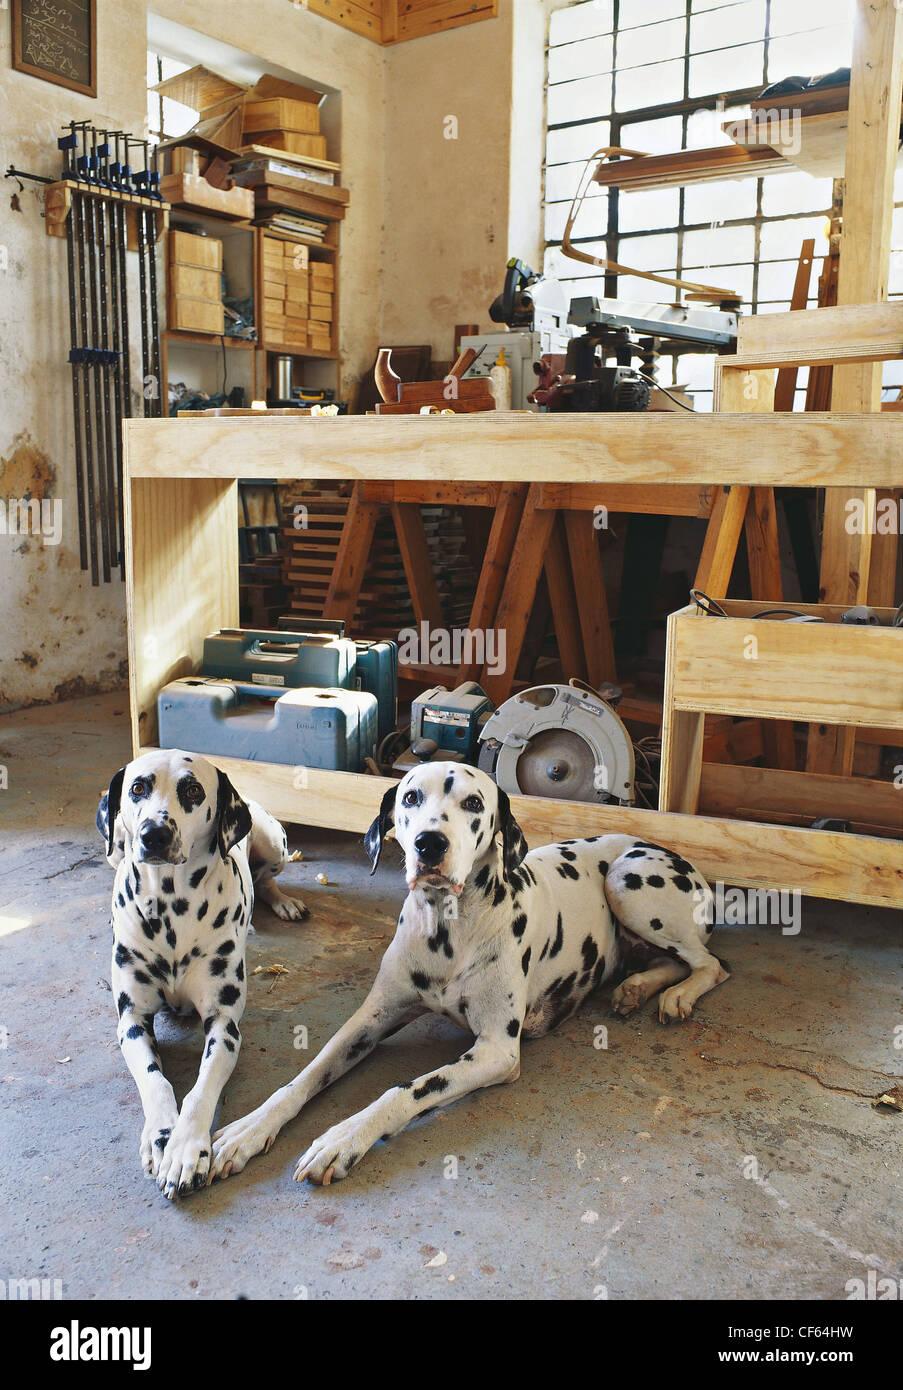 REAL HOMES :Townhouse in Bo Kaap Cabinet maker, filmset designer ...